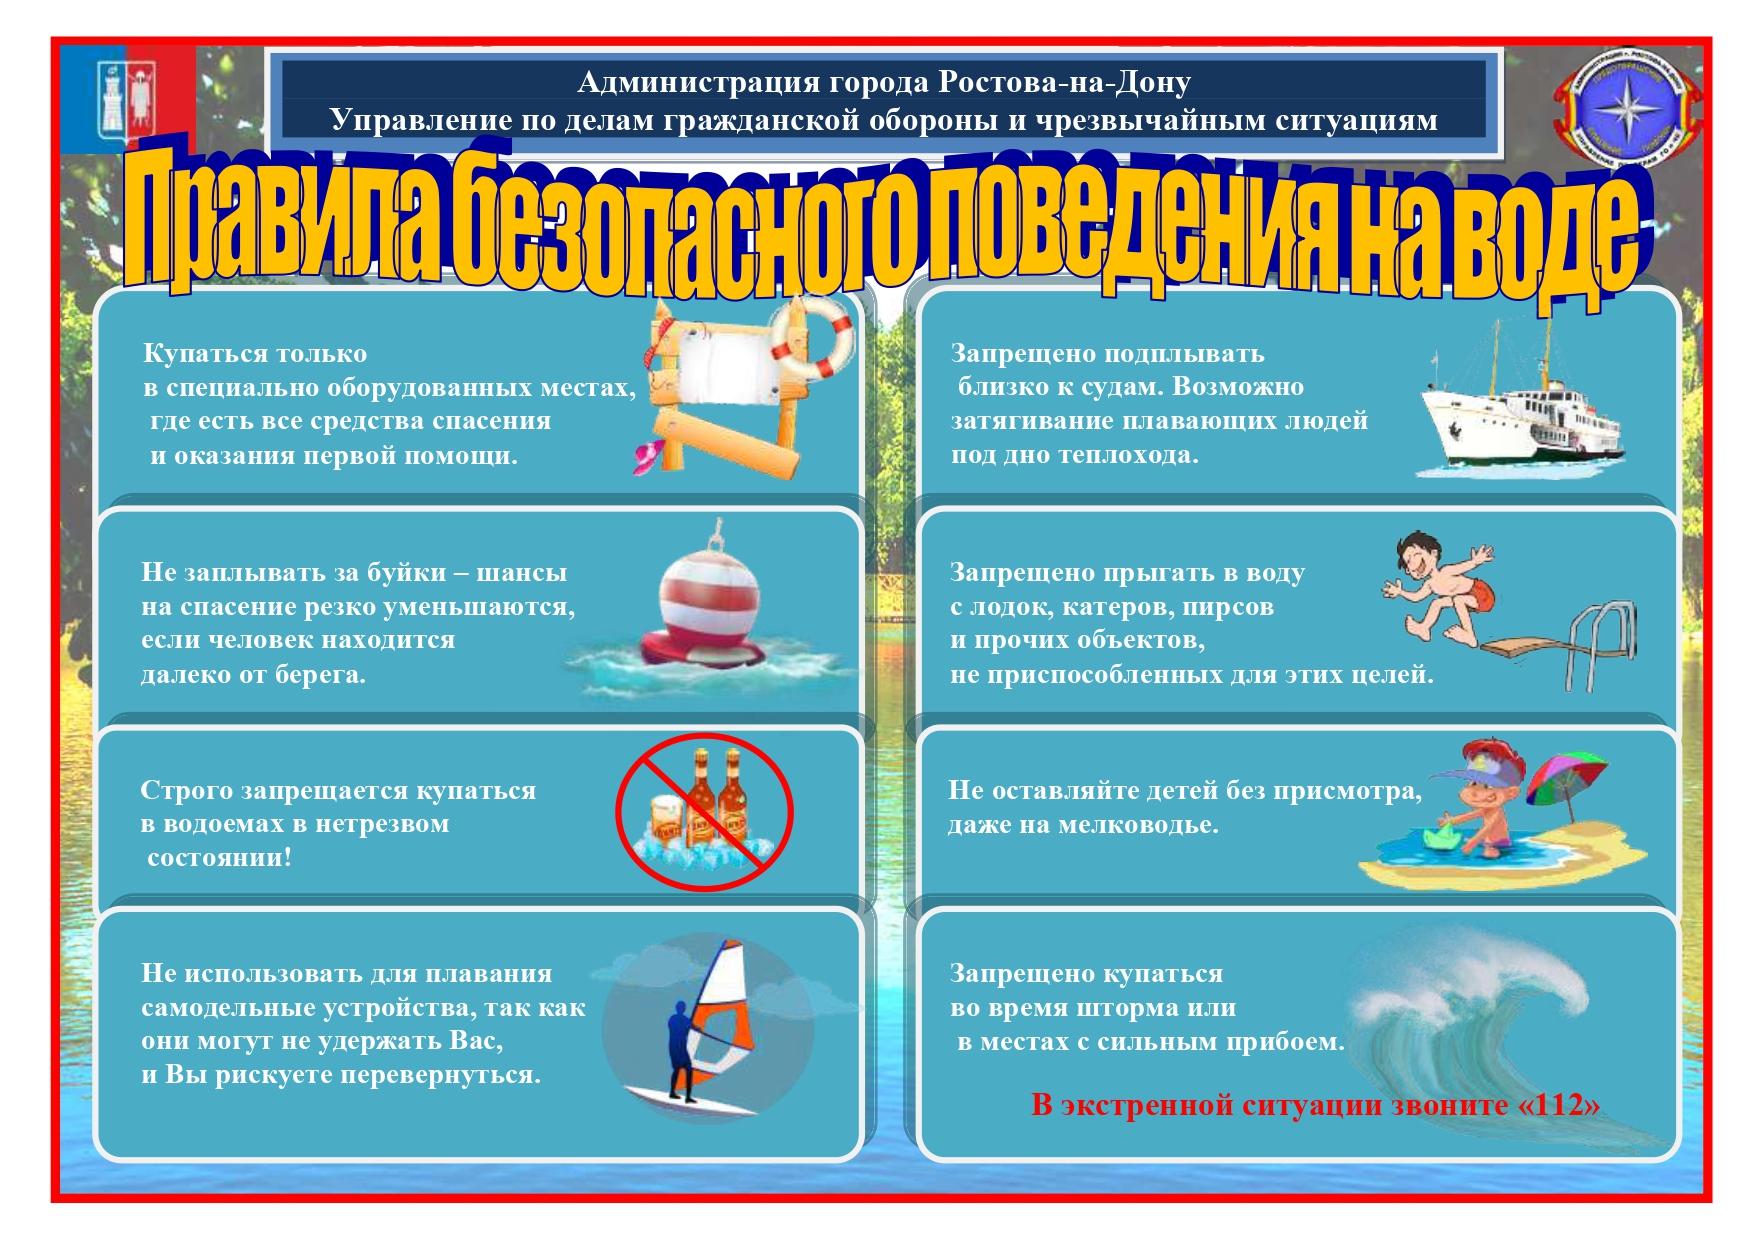 Правила безопасного поведения на воде. Как спасти тонущего.